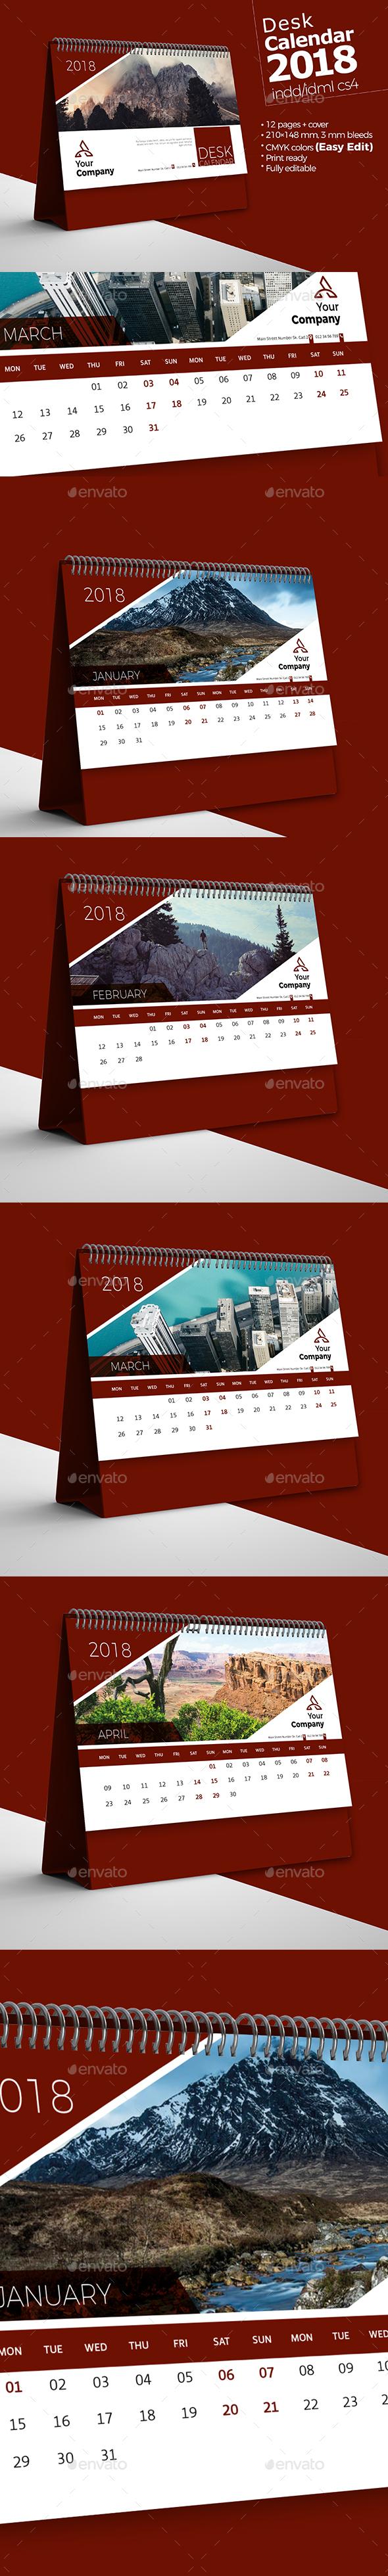 GraphicRiver Desk Calendar 2018 21098311